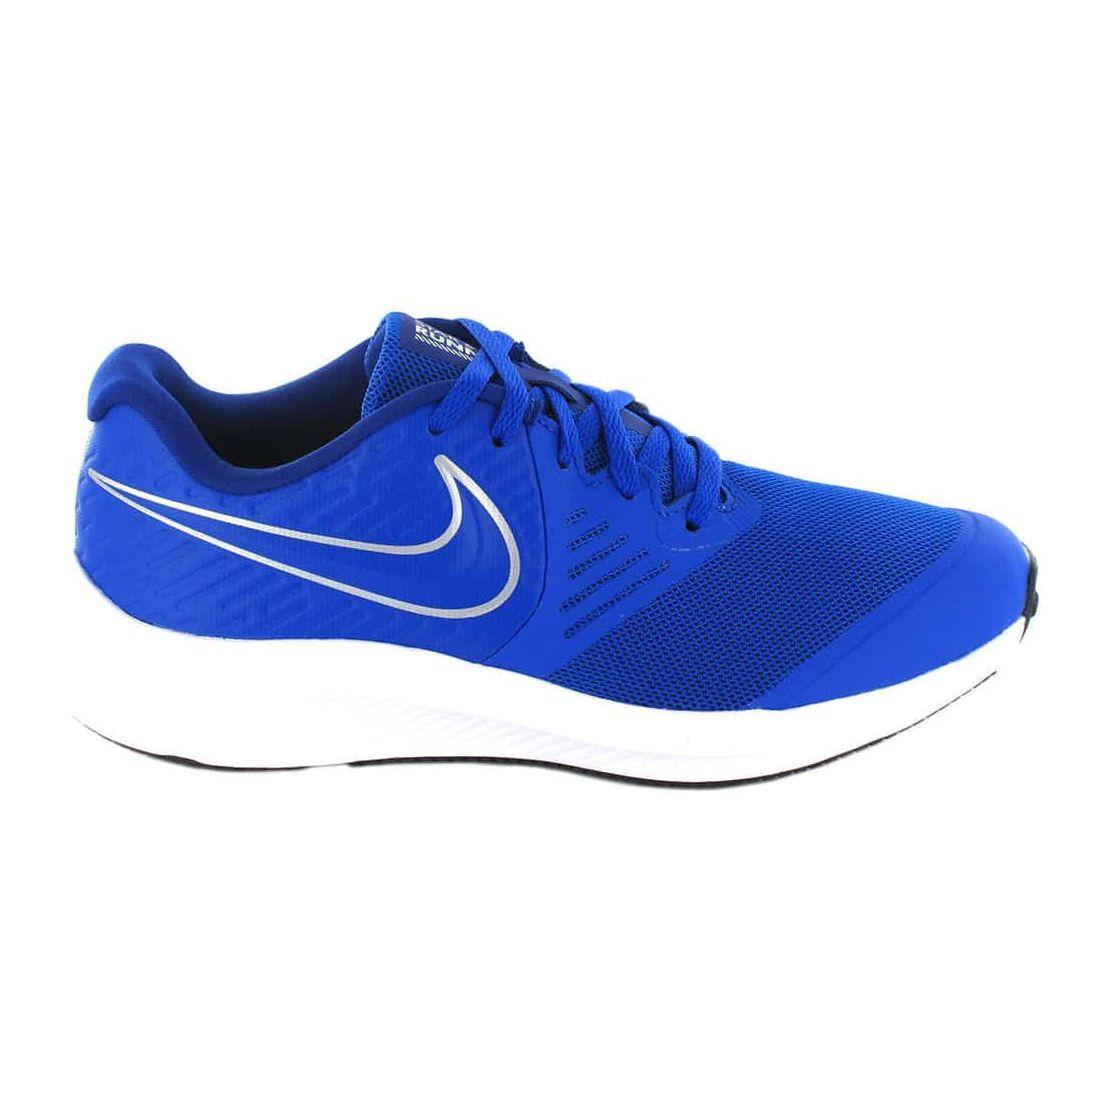 Nike Star Runner 2 GS 400 Nike Running Shoes Child running Shoes Running Sizes: 36, 37,5, 38, 39, 40; Color: blue